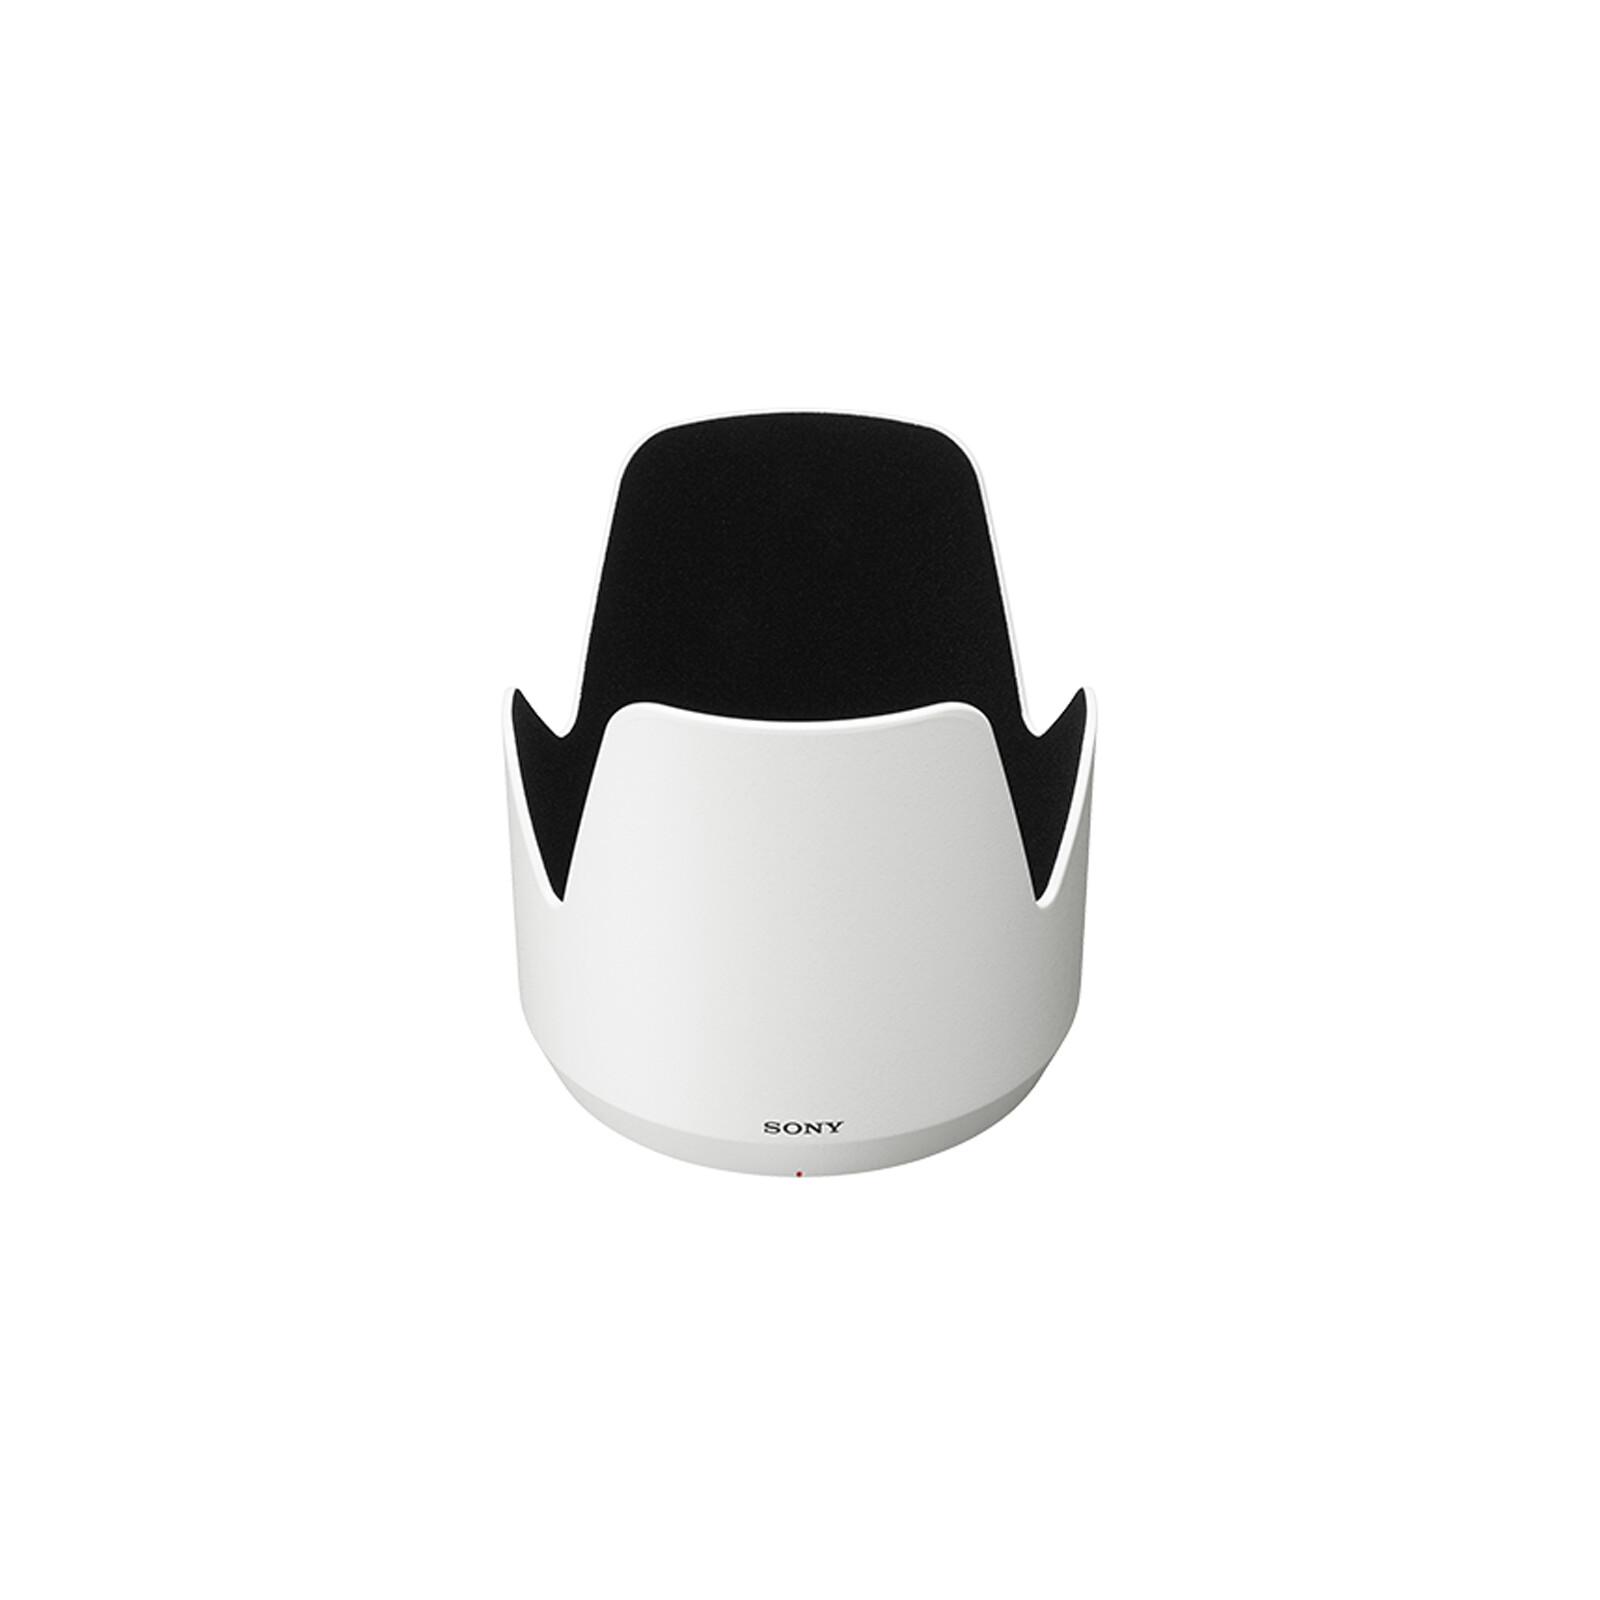 Sony ALC-SH120 Gegenlichtblende